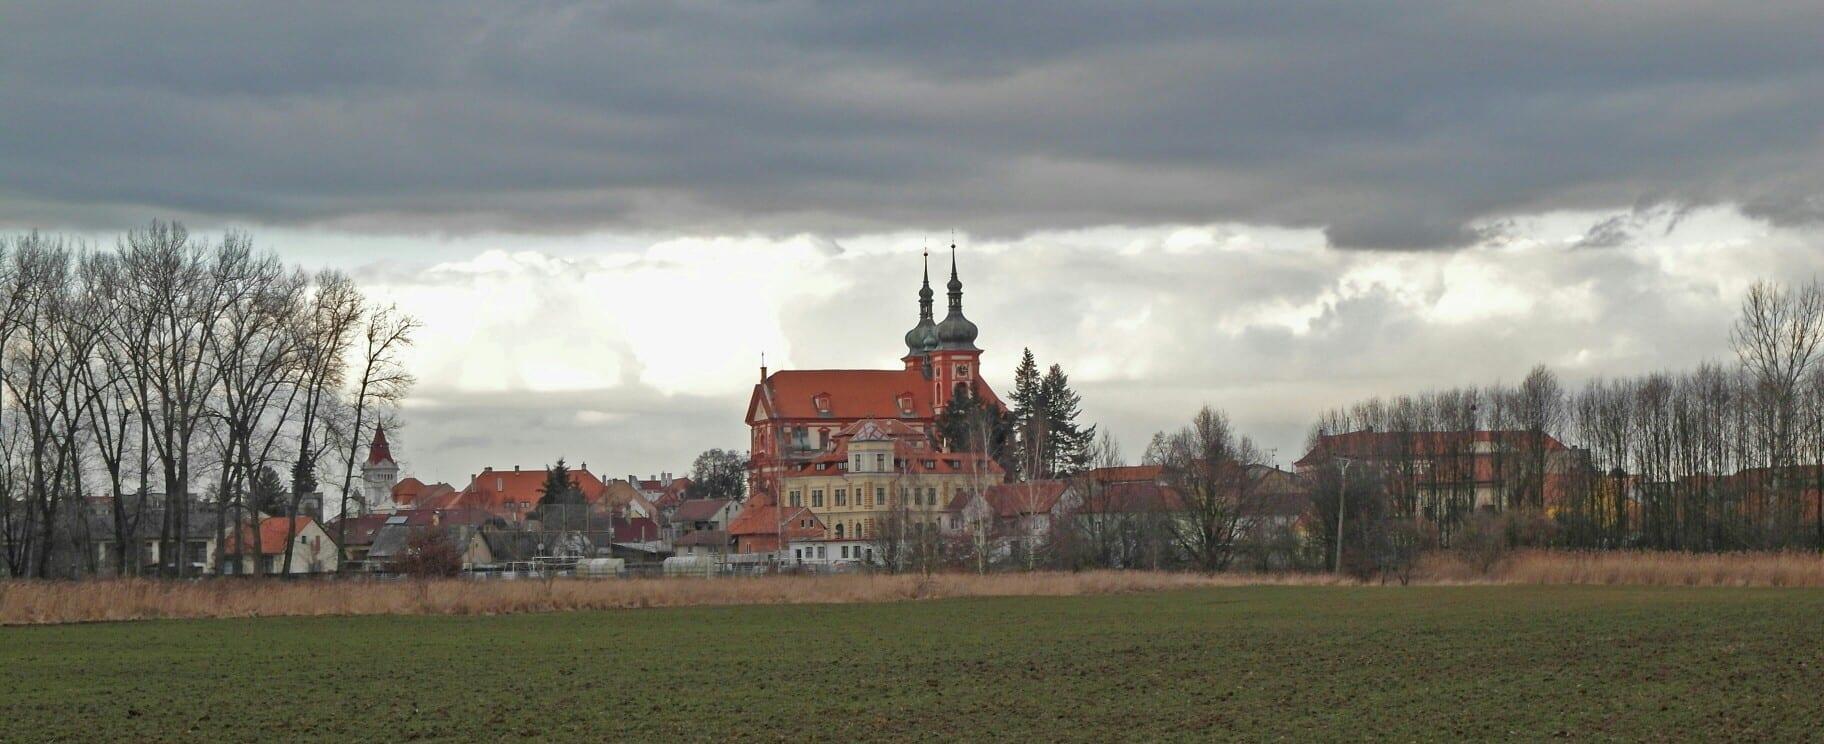 Výlety v okolí Prahy východ